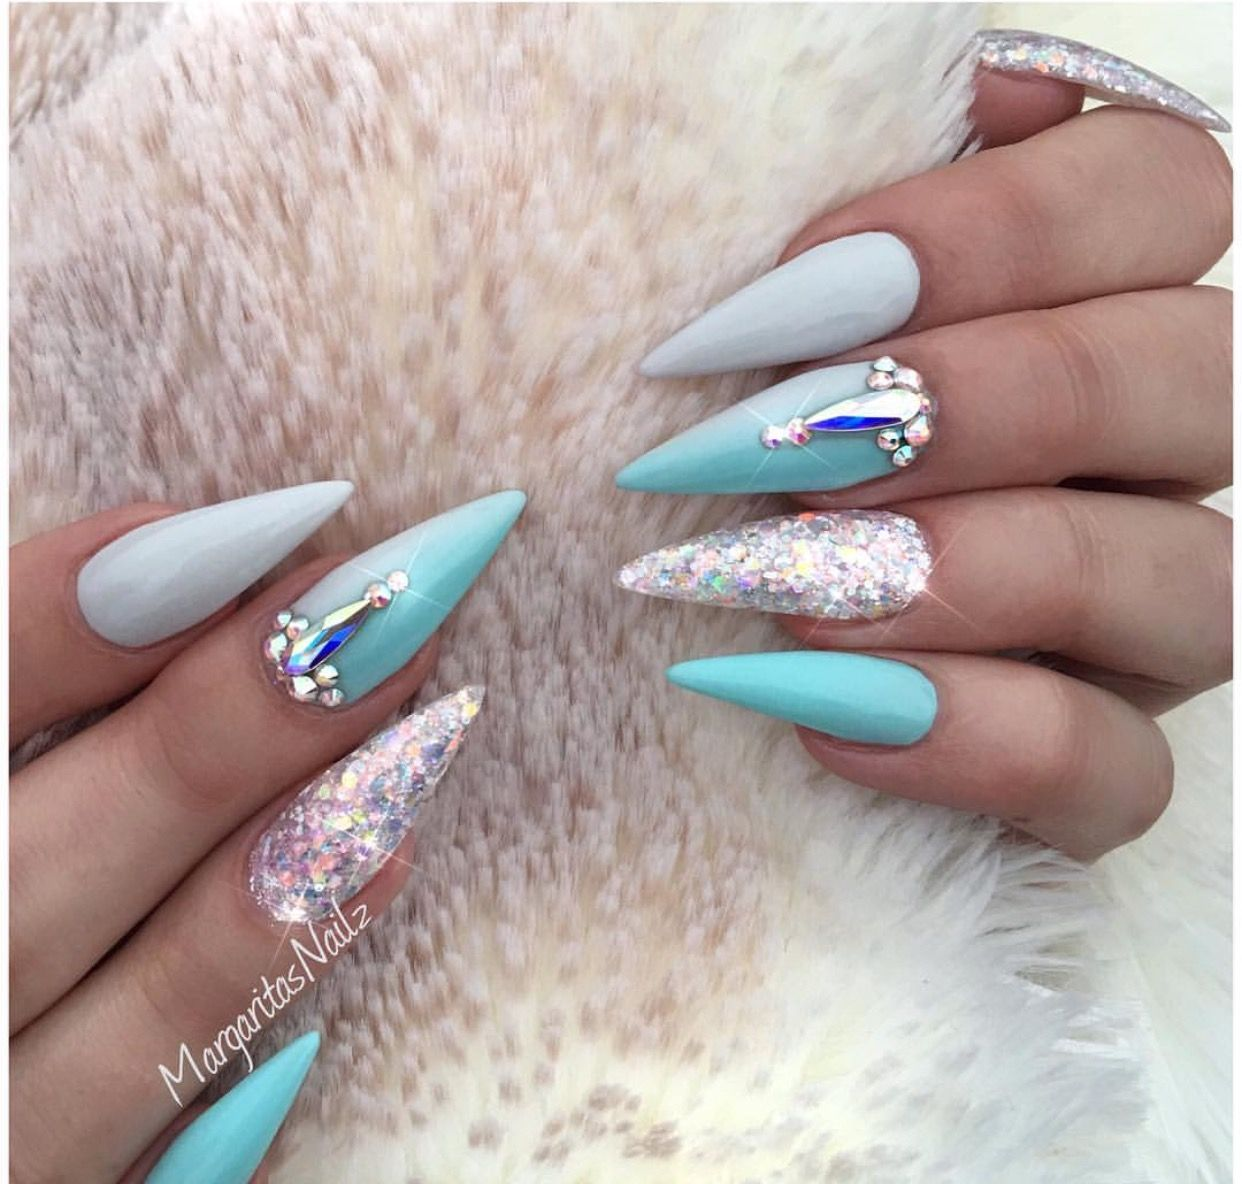 Pin von Kat Staxx auf Nail\'d It! | Pinterest | Nageldesign ...